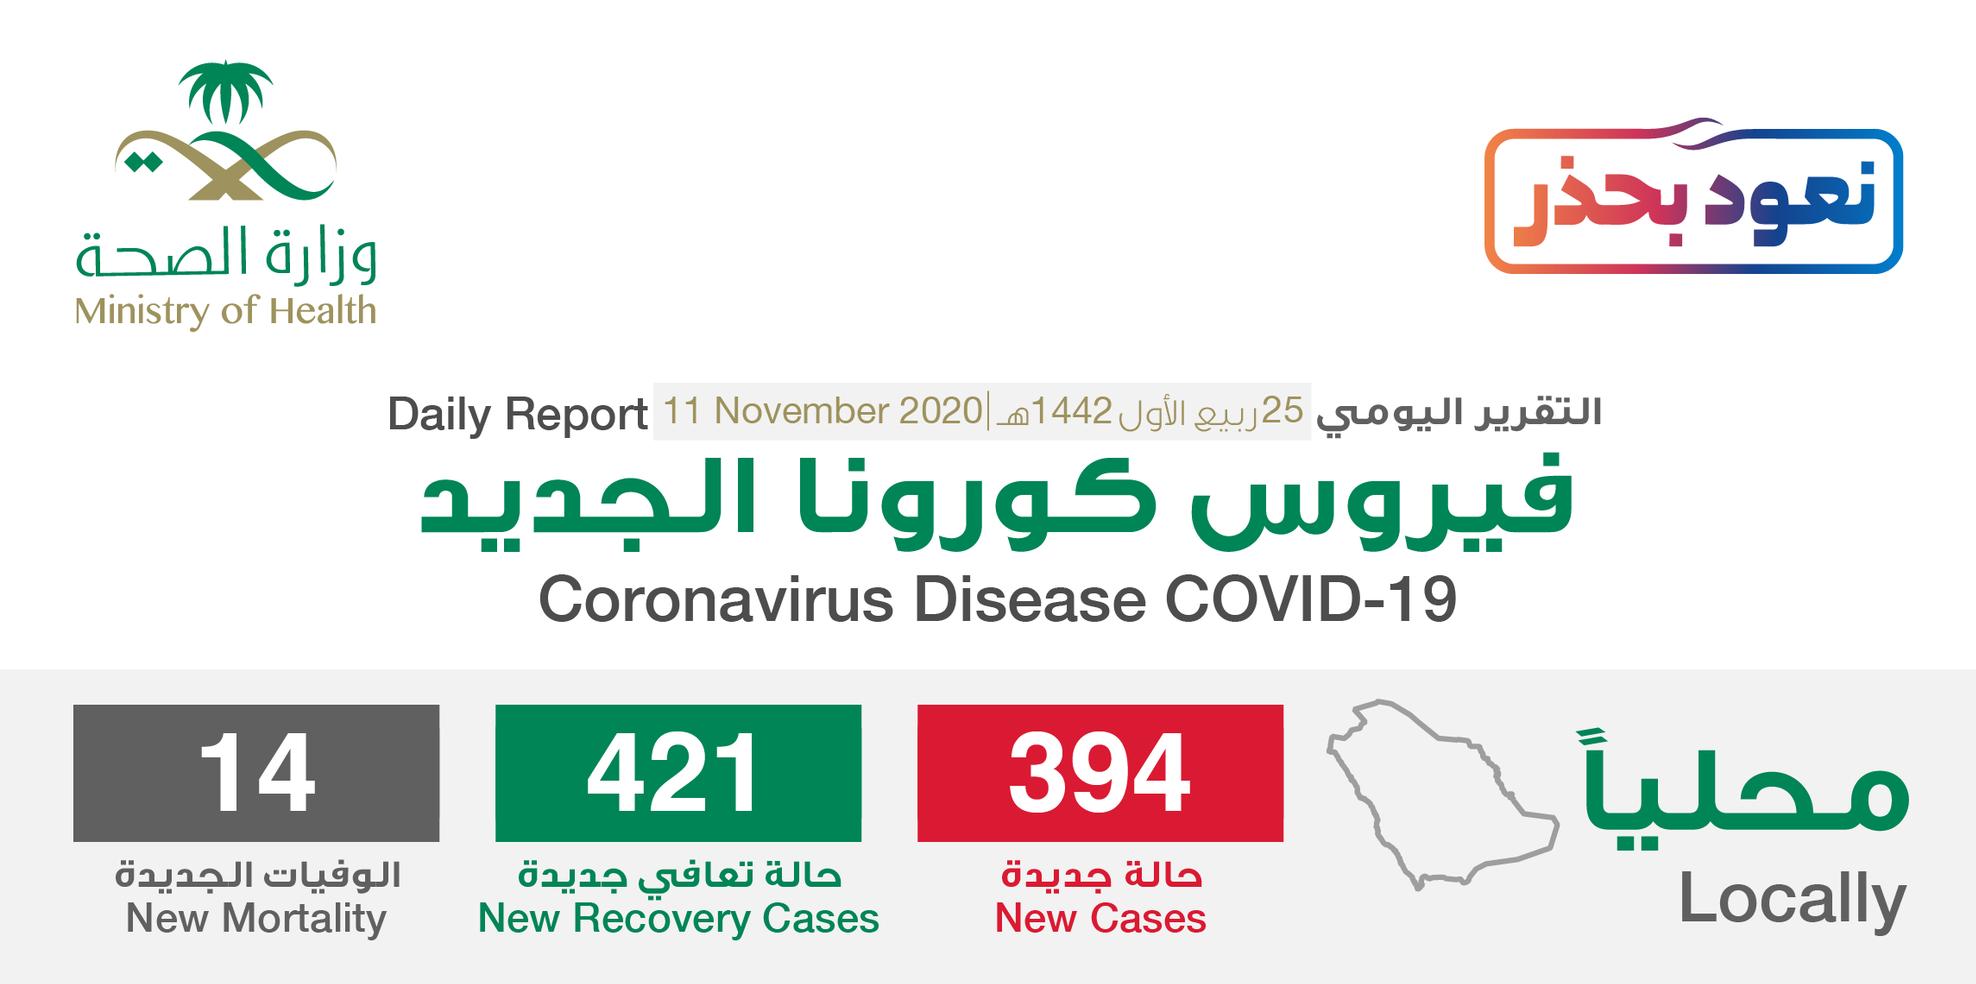 إصابات كورونا في السعودية 11 نوفمبر